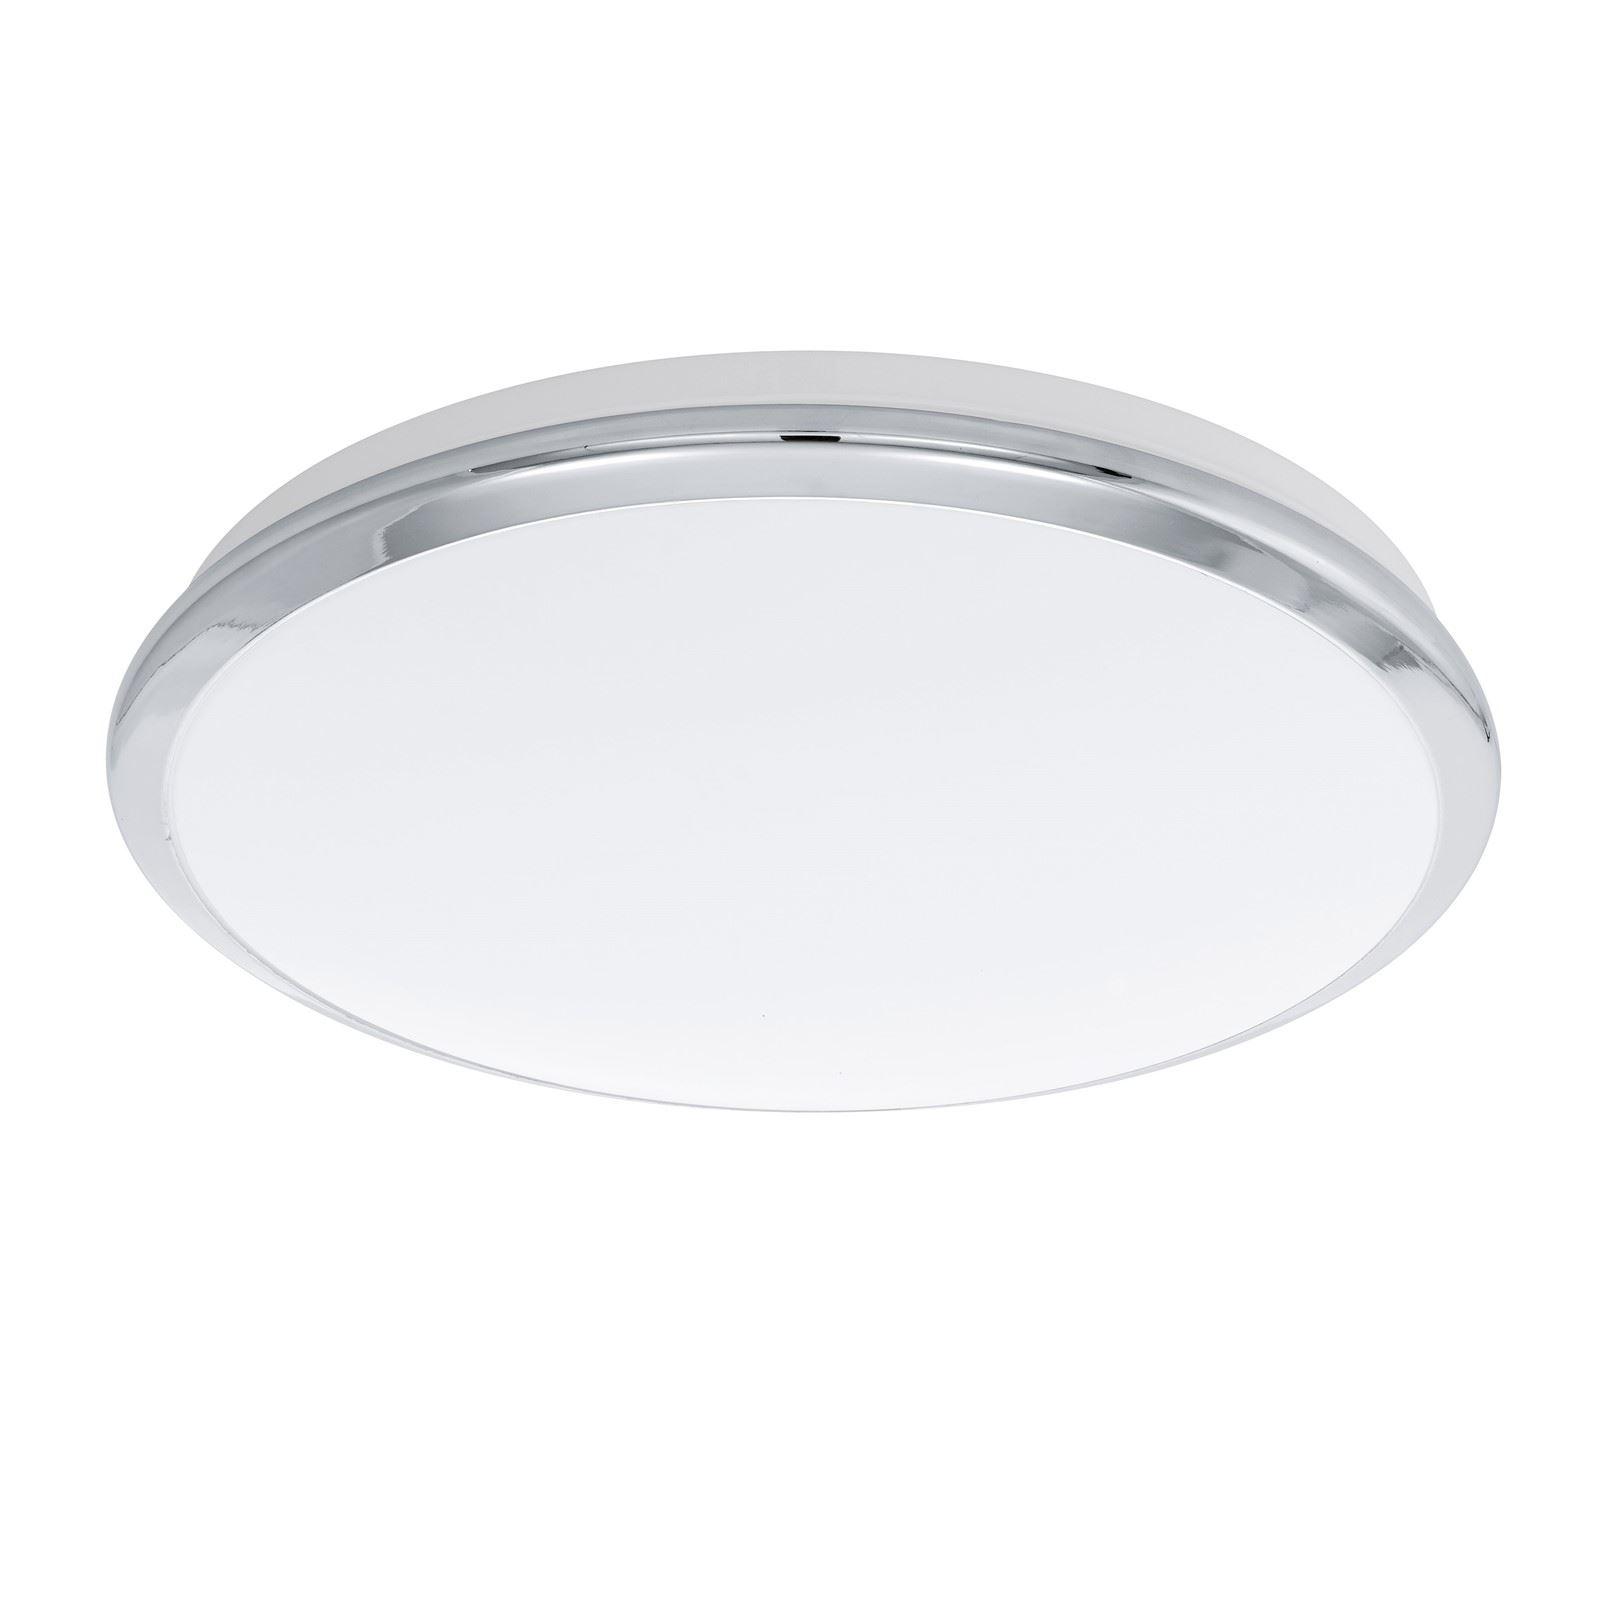 Manilva LED Ceiling Light 12W Diameter 385 mm Steel Chrome White